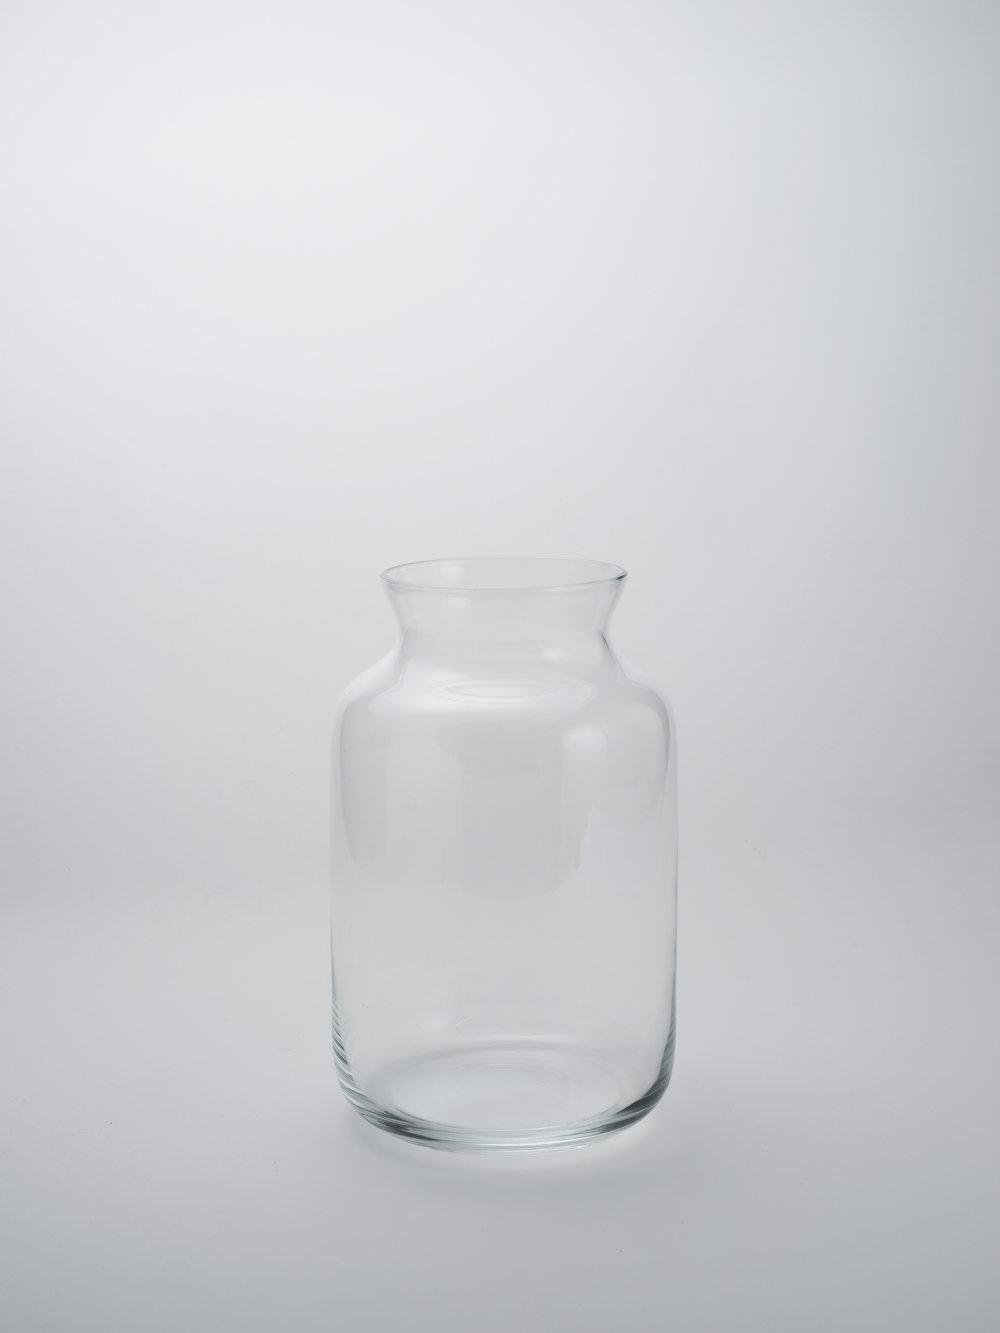 Bernard Collared Vase $139.00